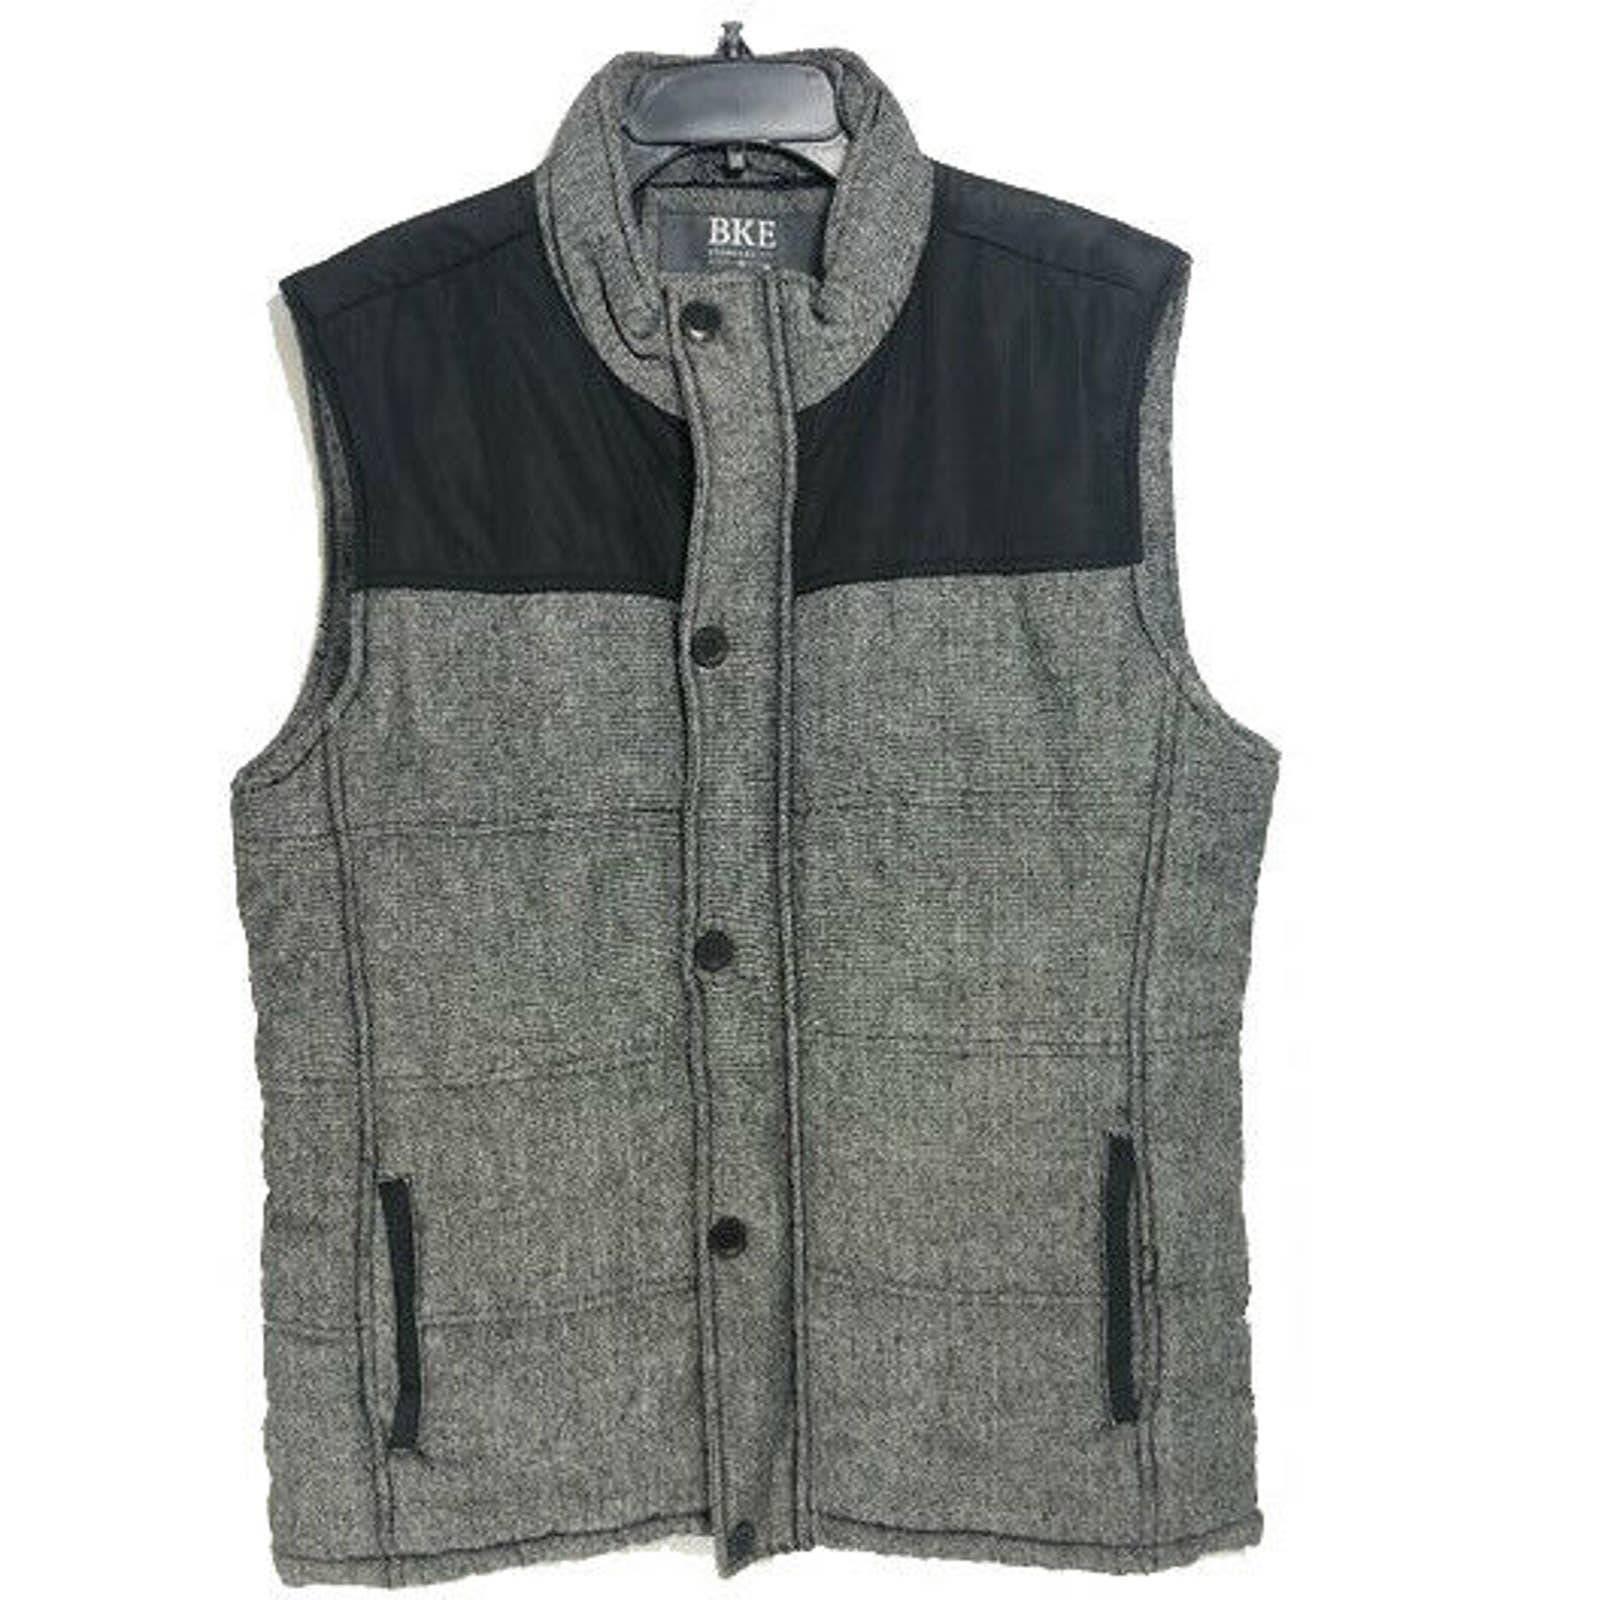 Buckle BKE Vest Lined Medium NWOT